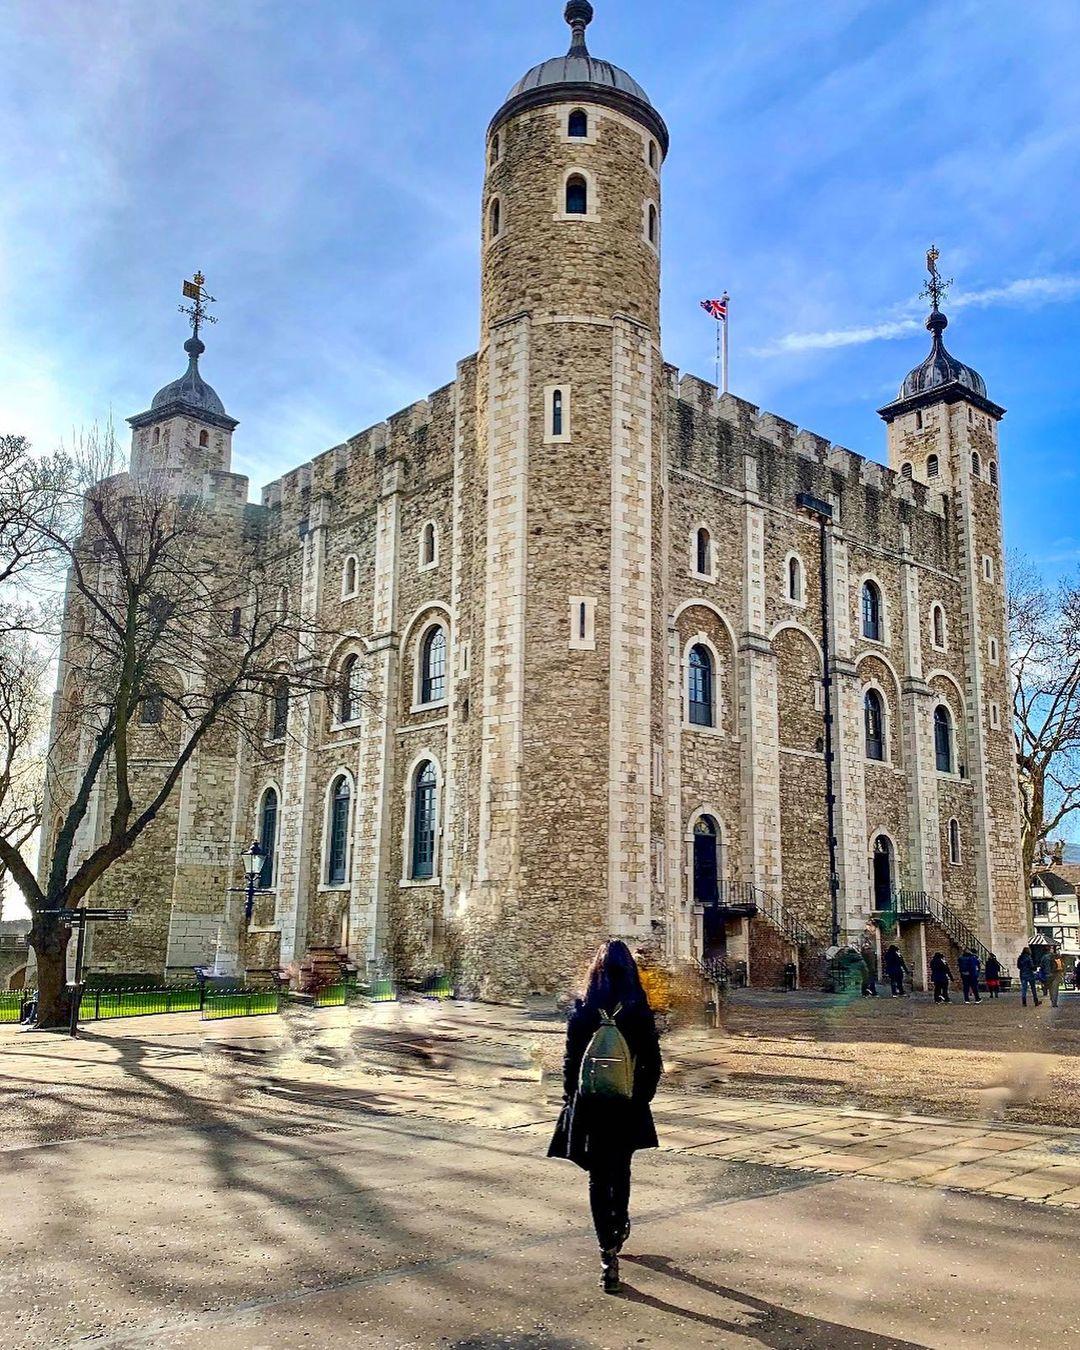 tujuan wisata terfavorit di london tower